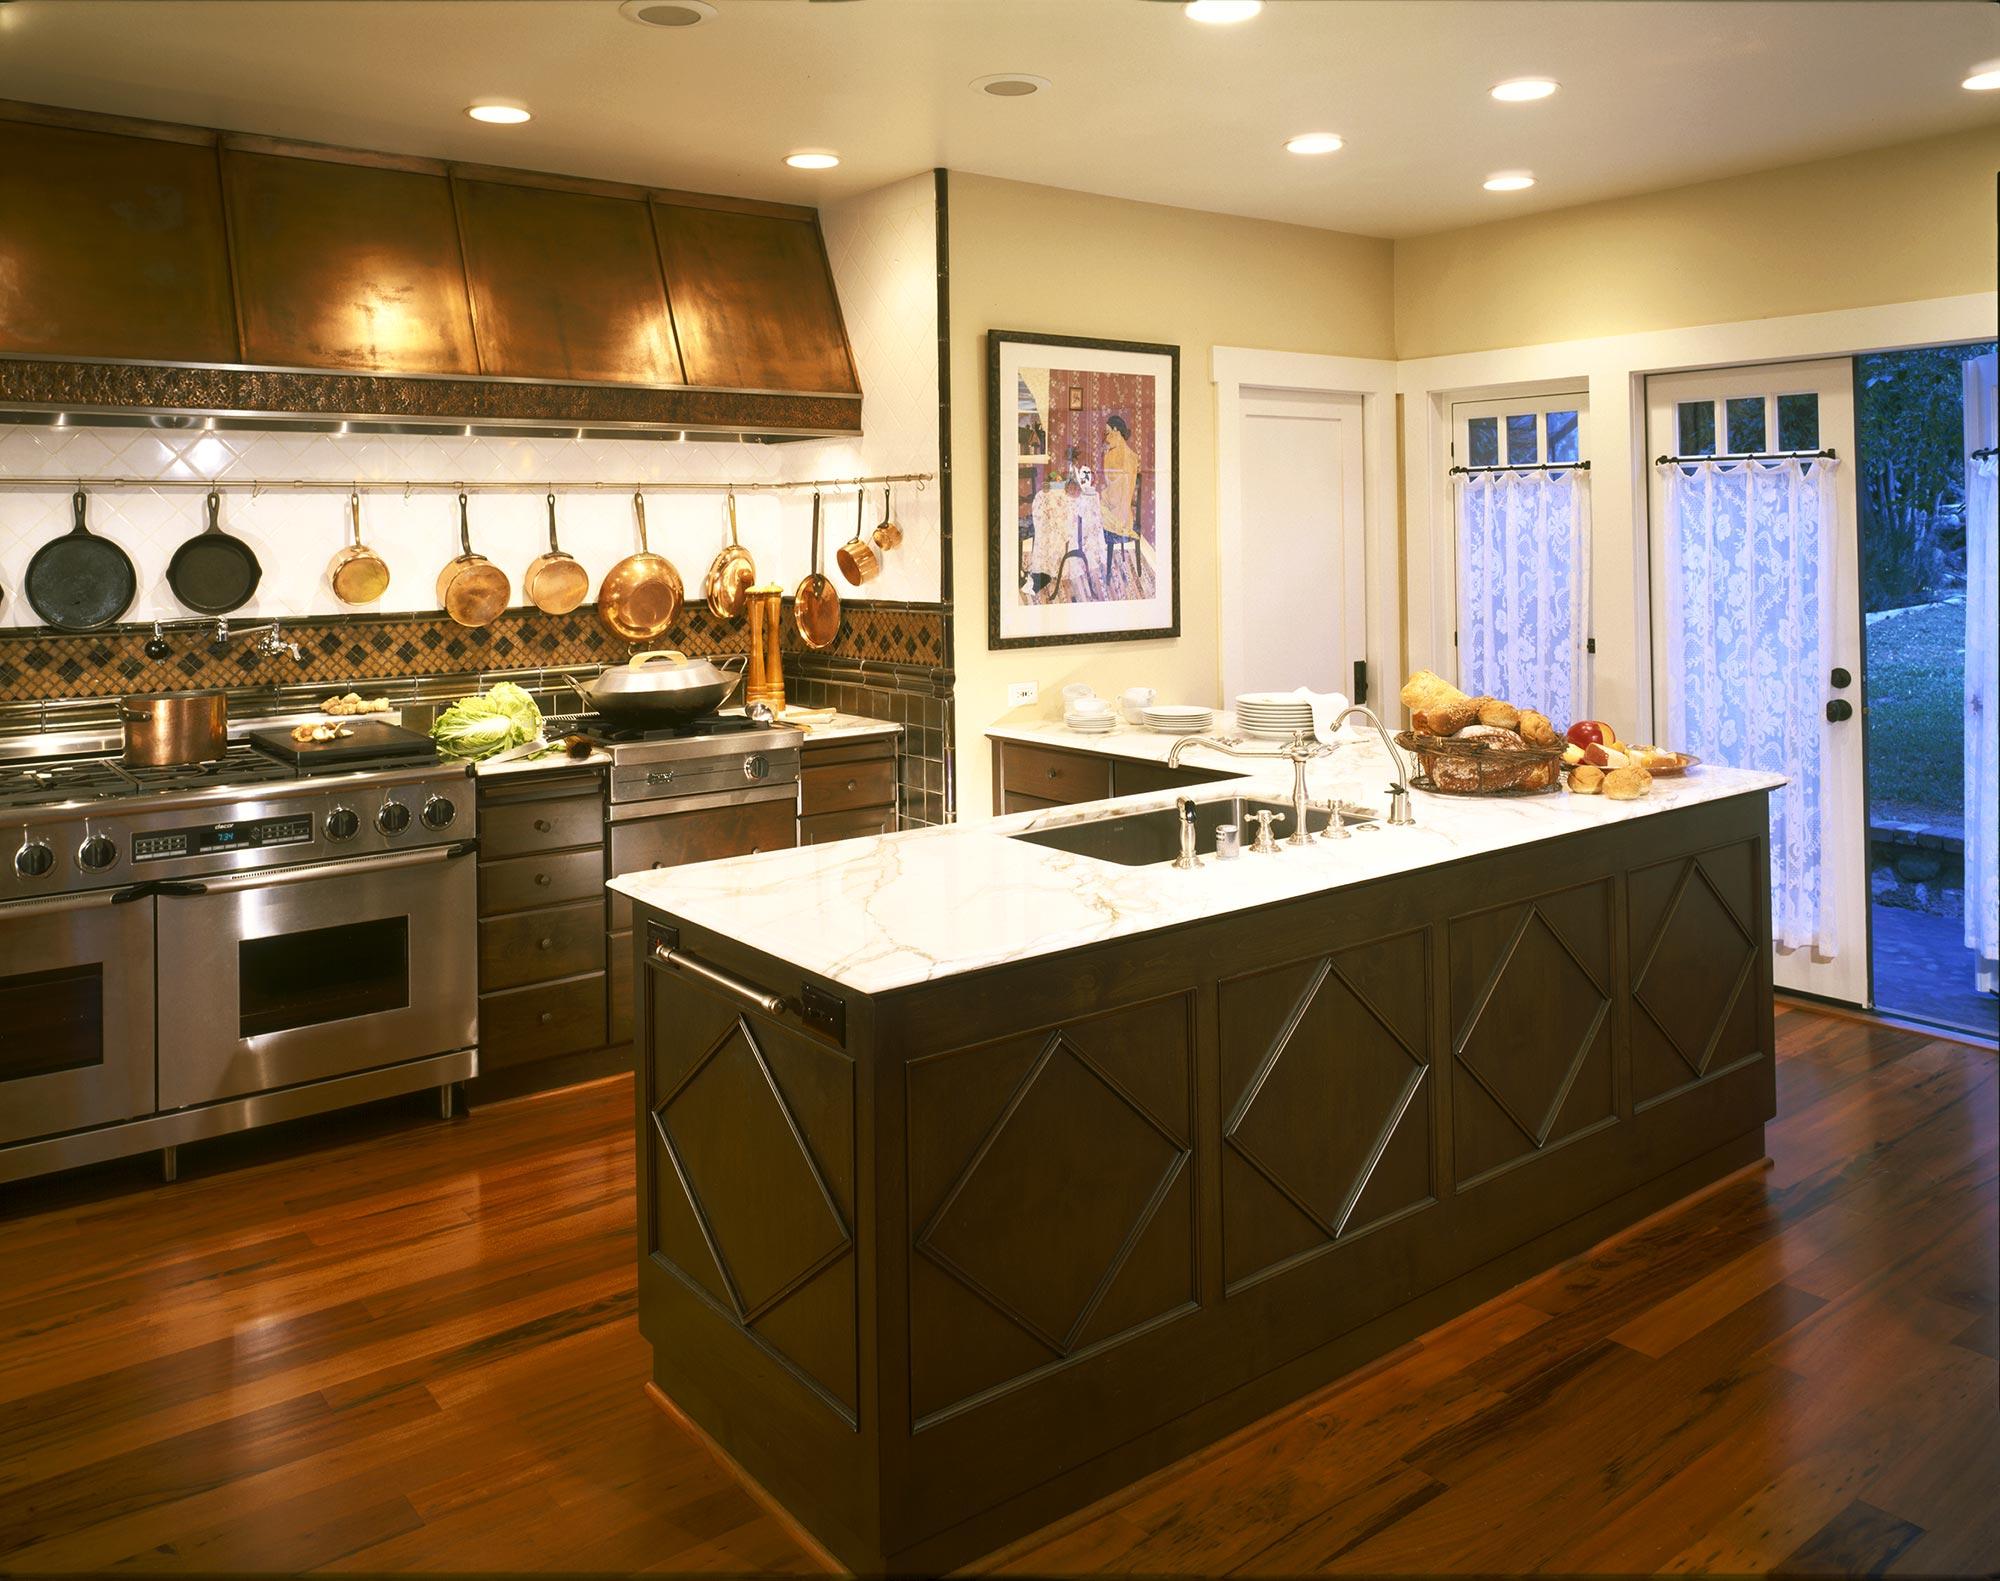 cba-kitchen-designbuildbusiness